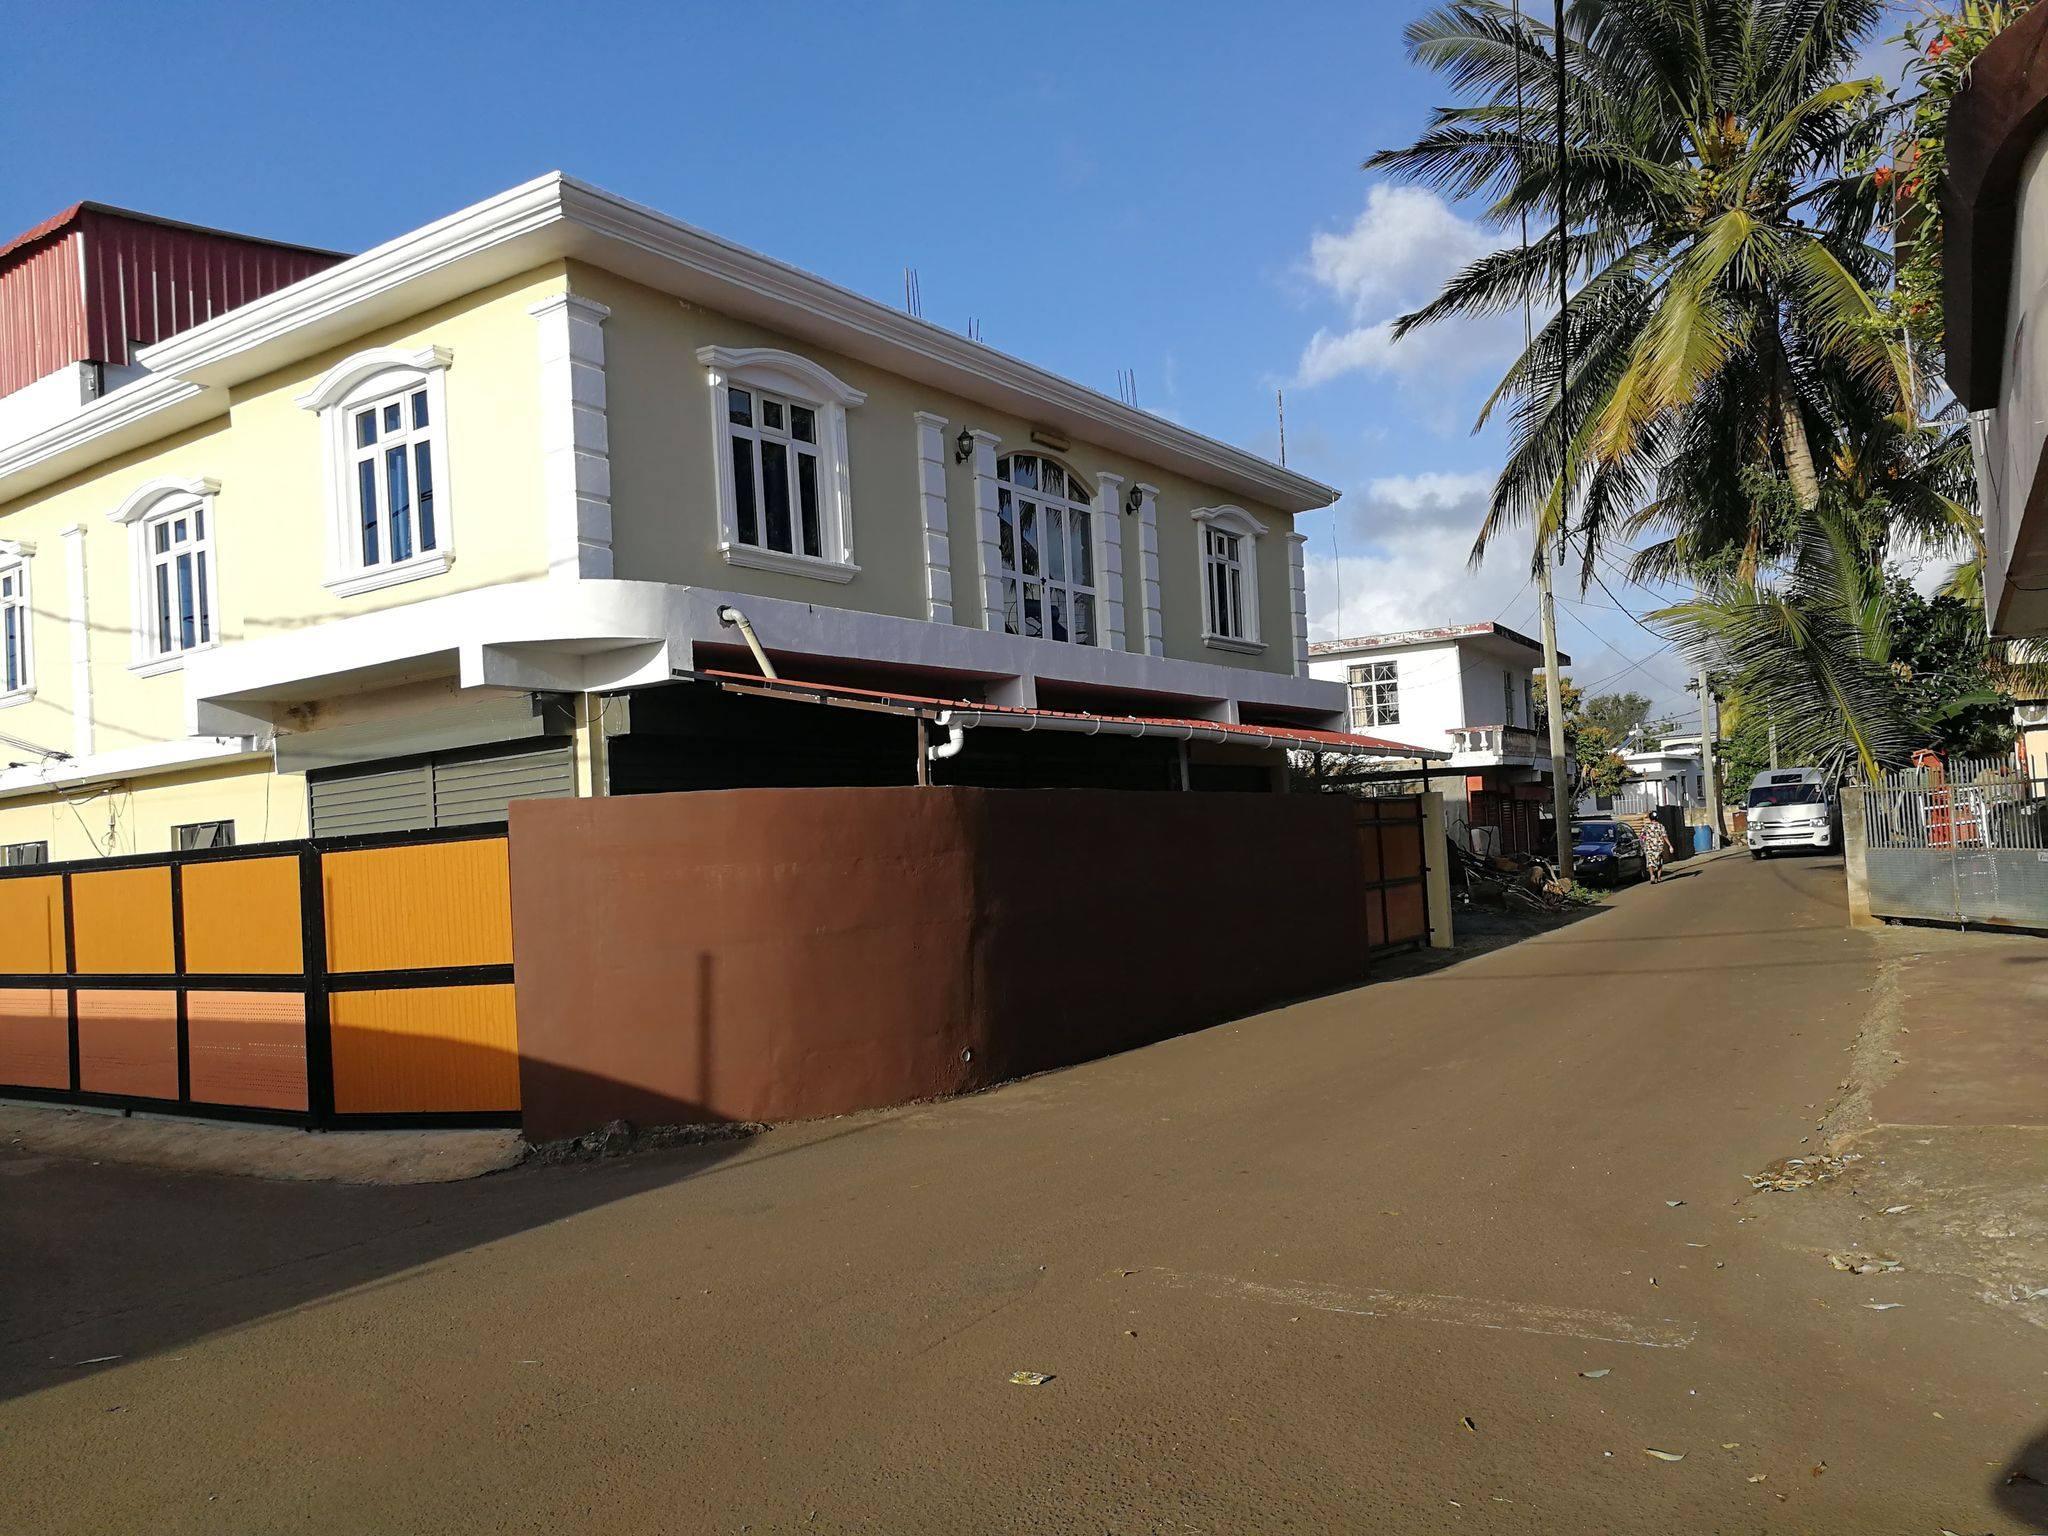 Commercial Building for sale at Triolet!